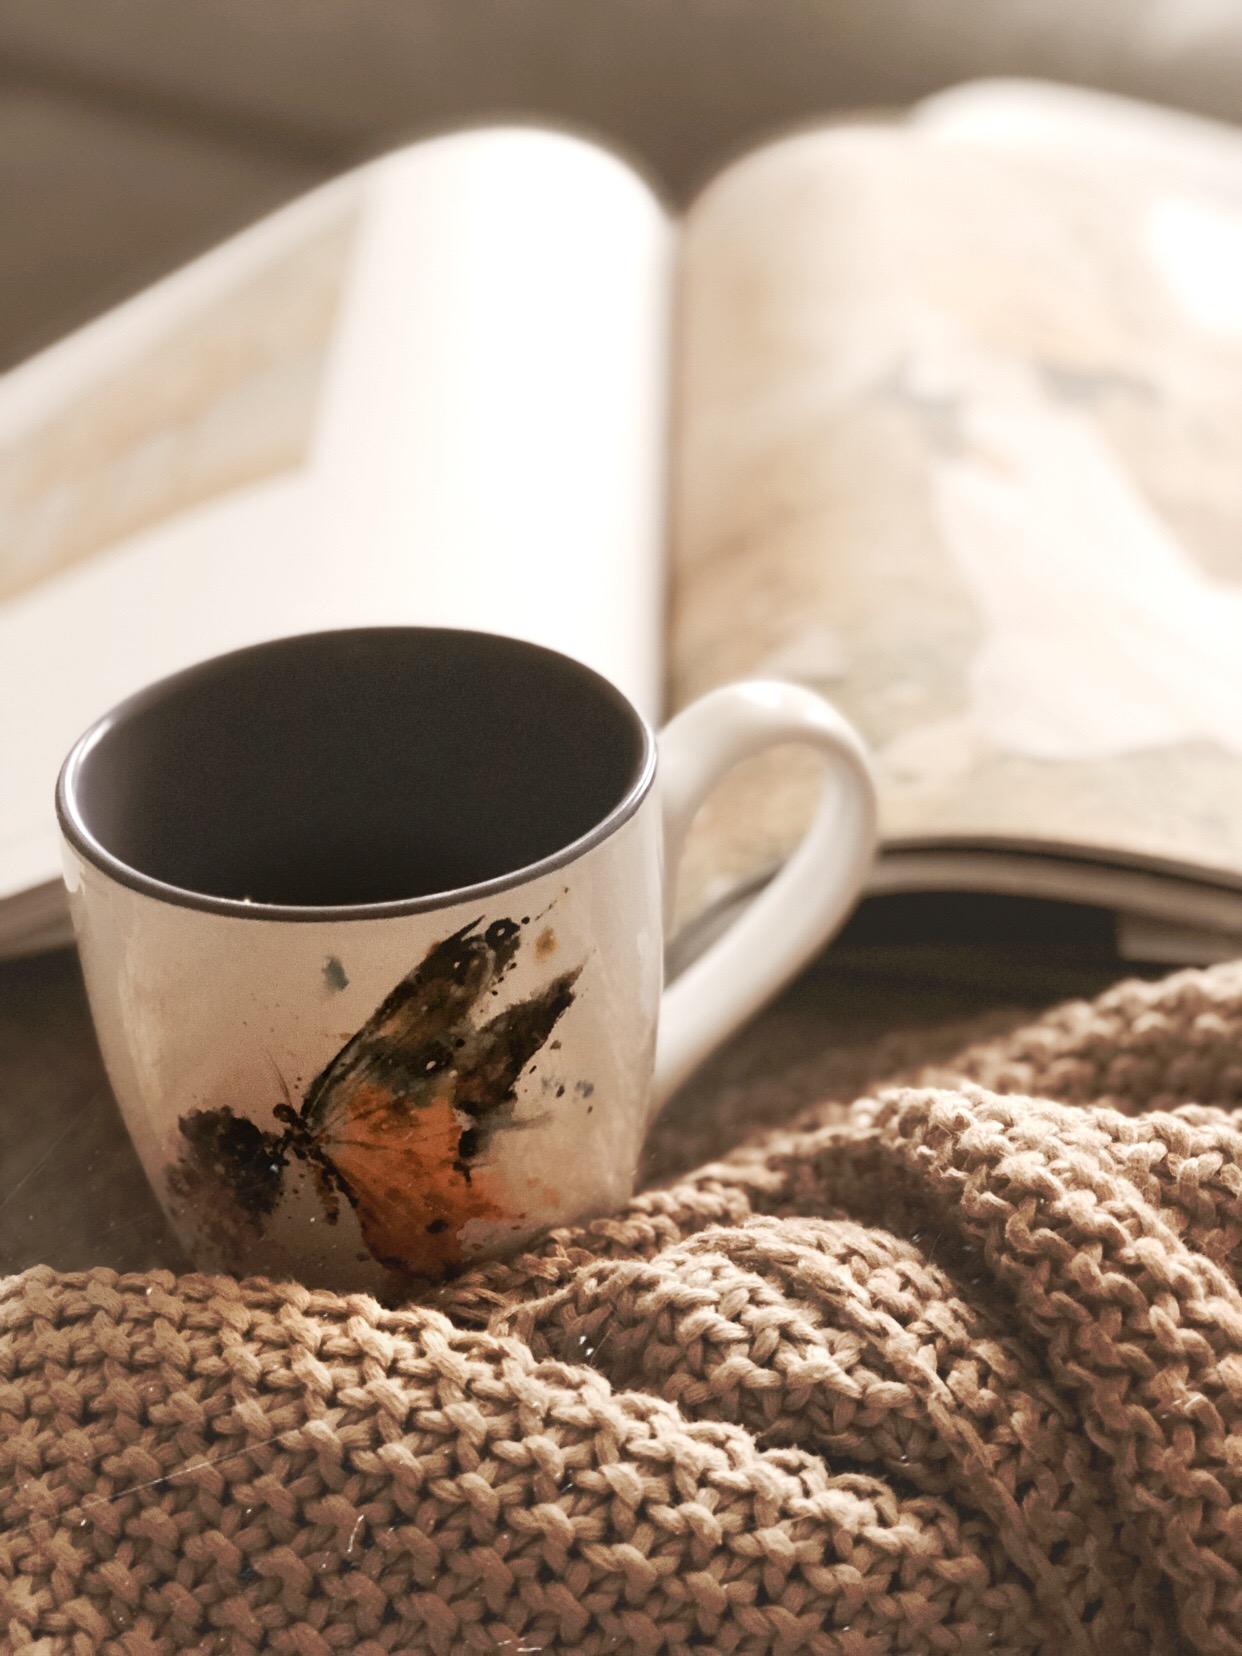 Coffee mug photo two .JPG